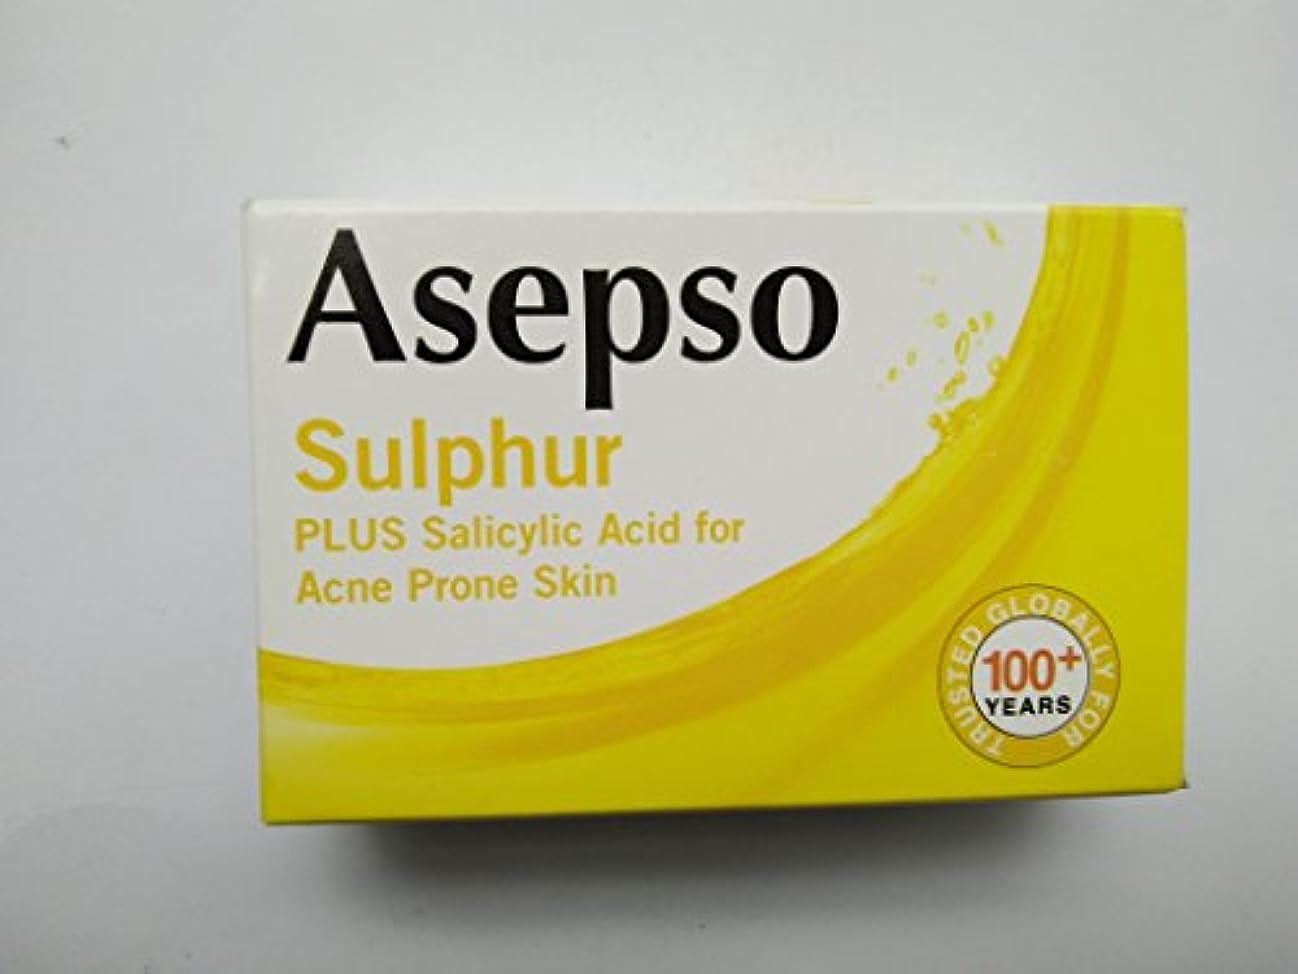 裁判所テーブルを設定するとティームAsepso にきび起こしやすい肌80グラムのために硫黄ソーププラスサリチル酸